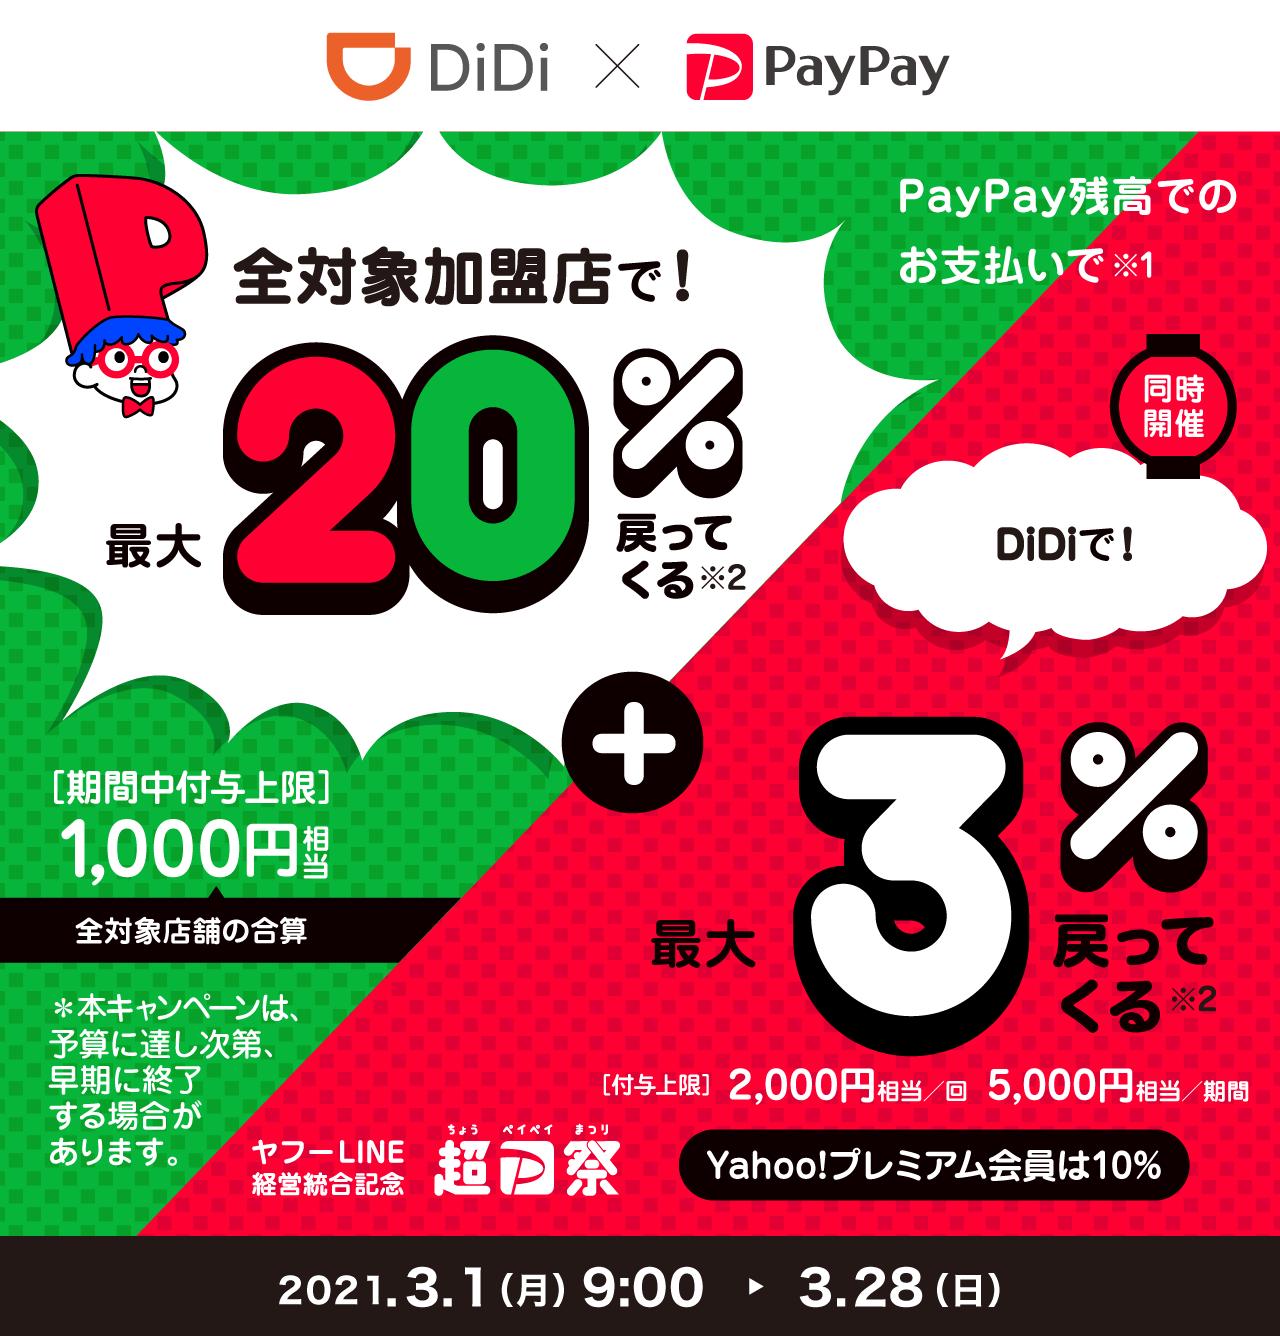 全対象加盟店で!最大20%戻ってくる + DiDiで!最大3%戻ってくる